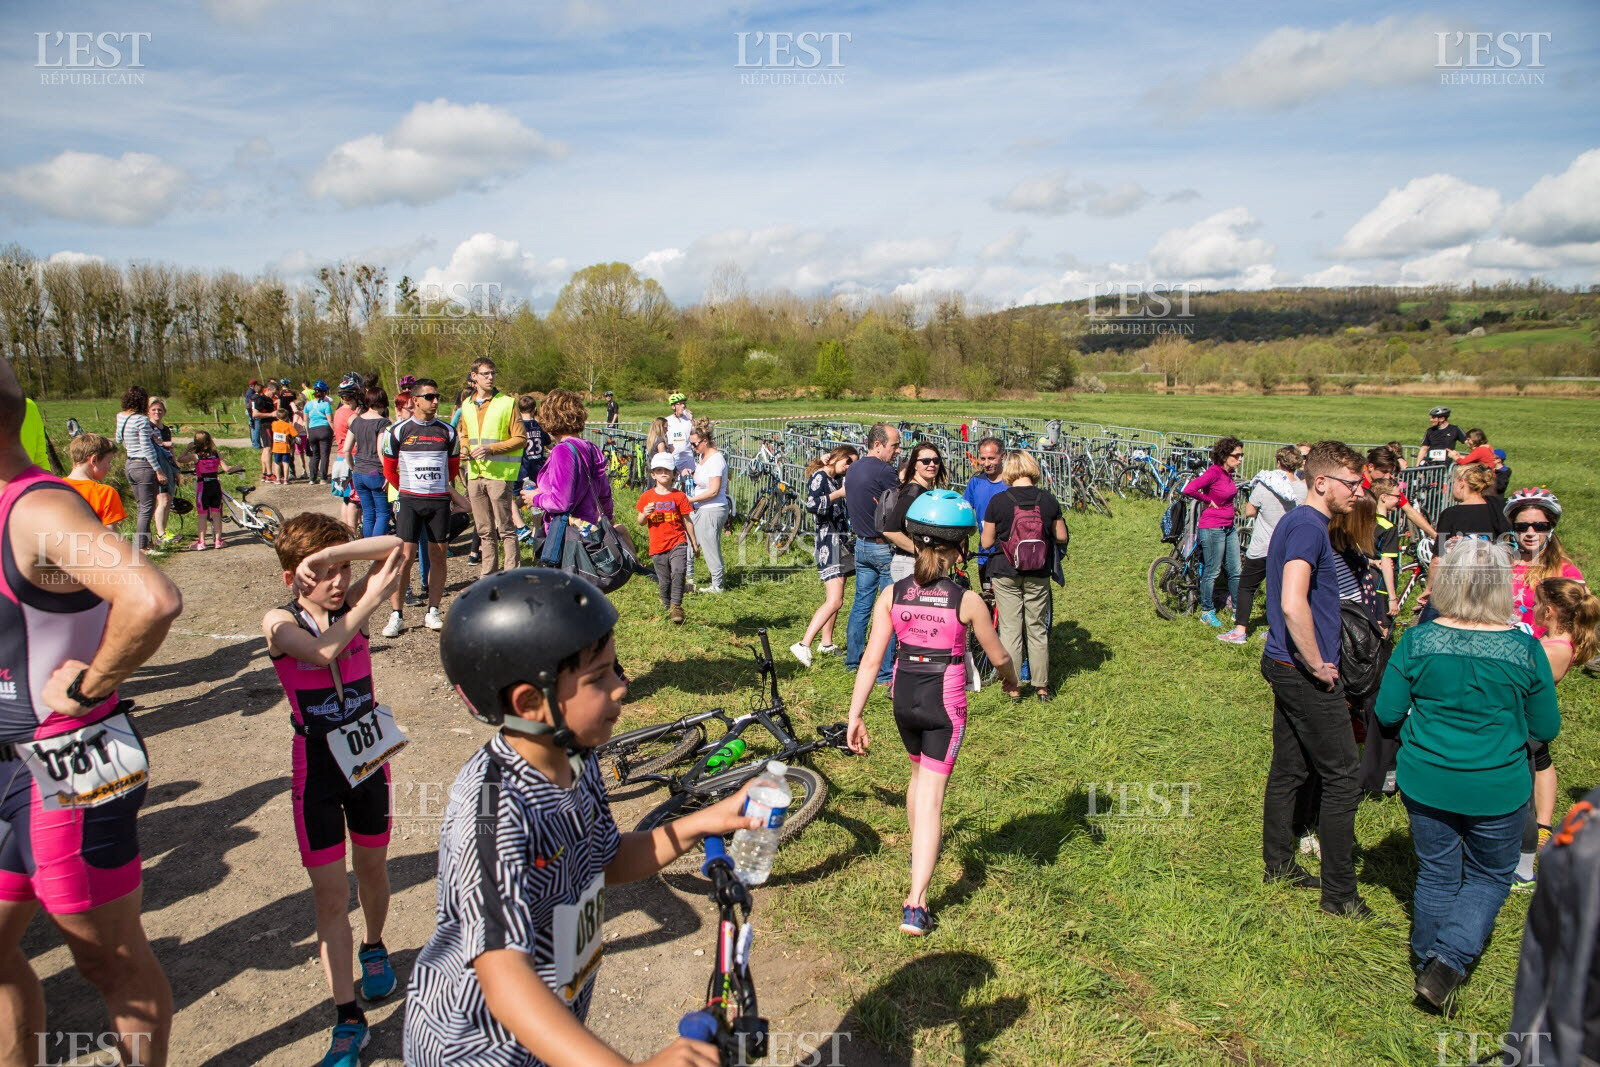 les-participants-refont-la-course-apres-l-arrivee-est-republicain-1523949826